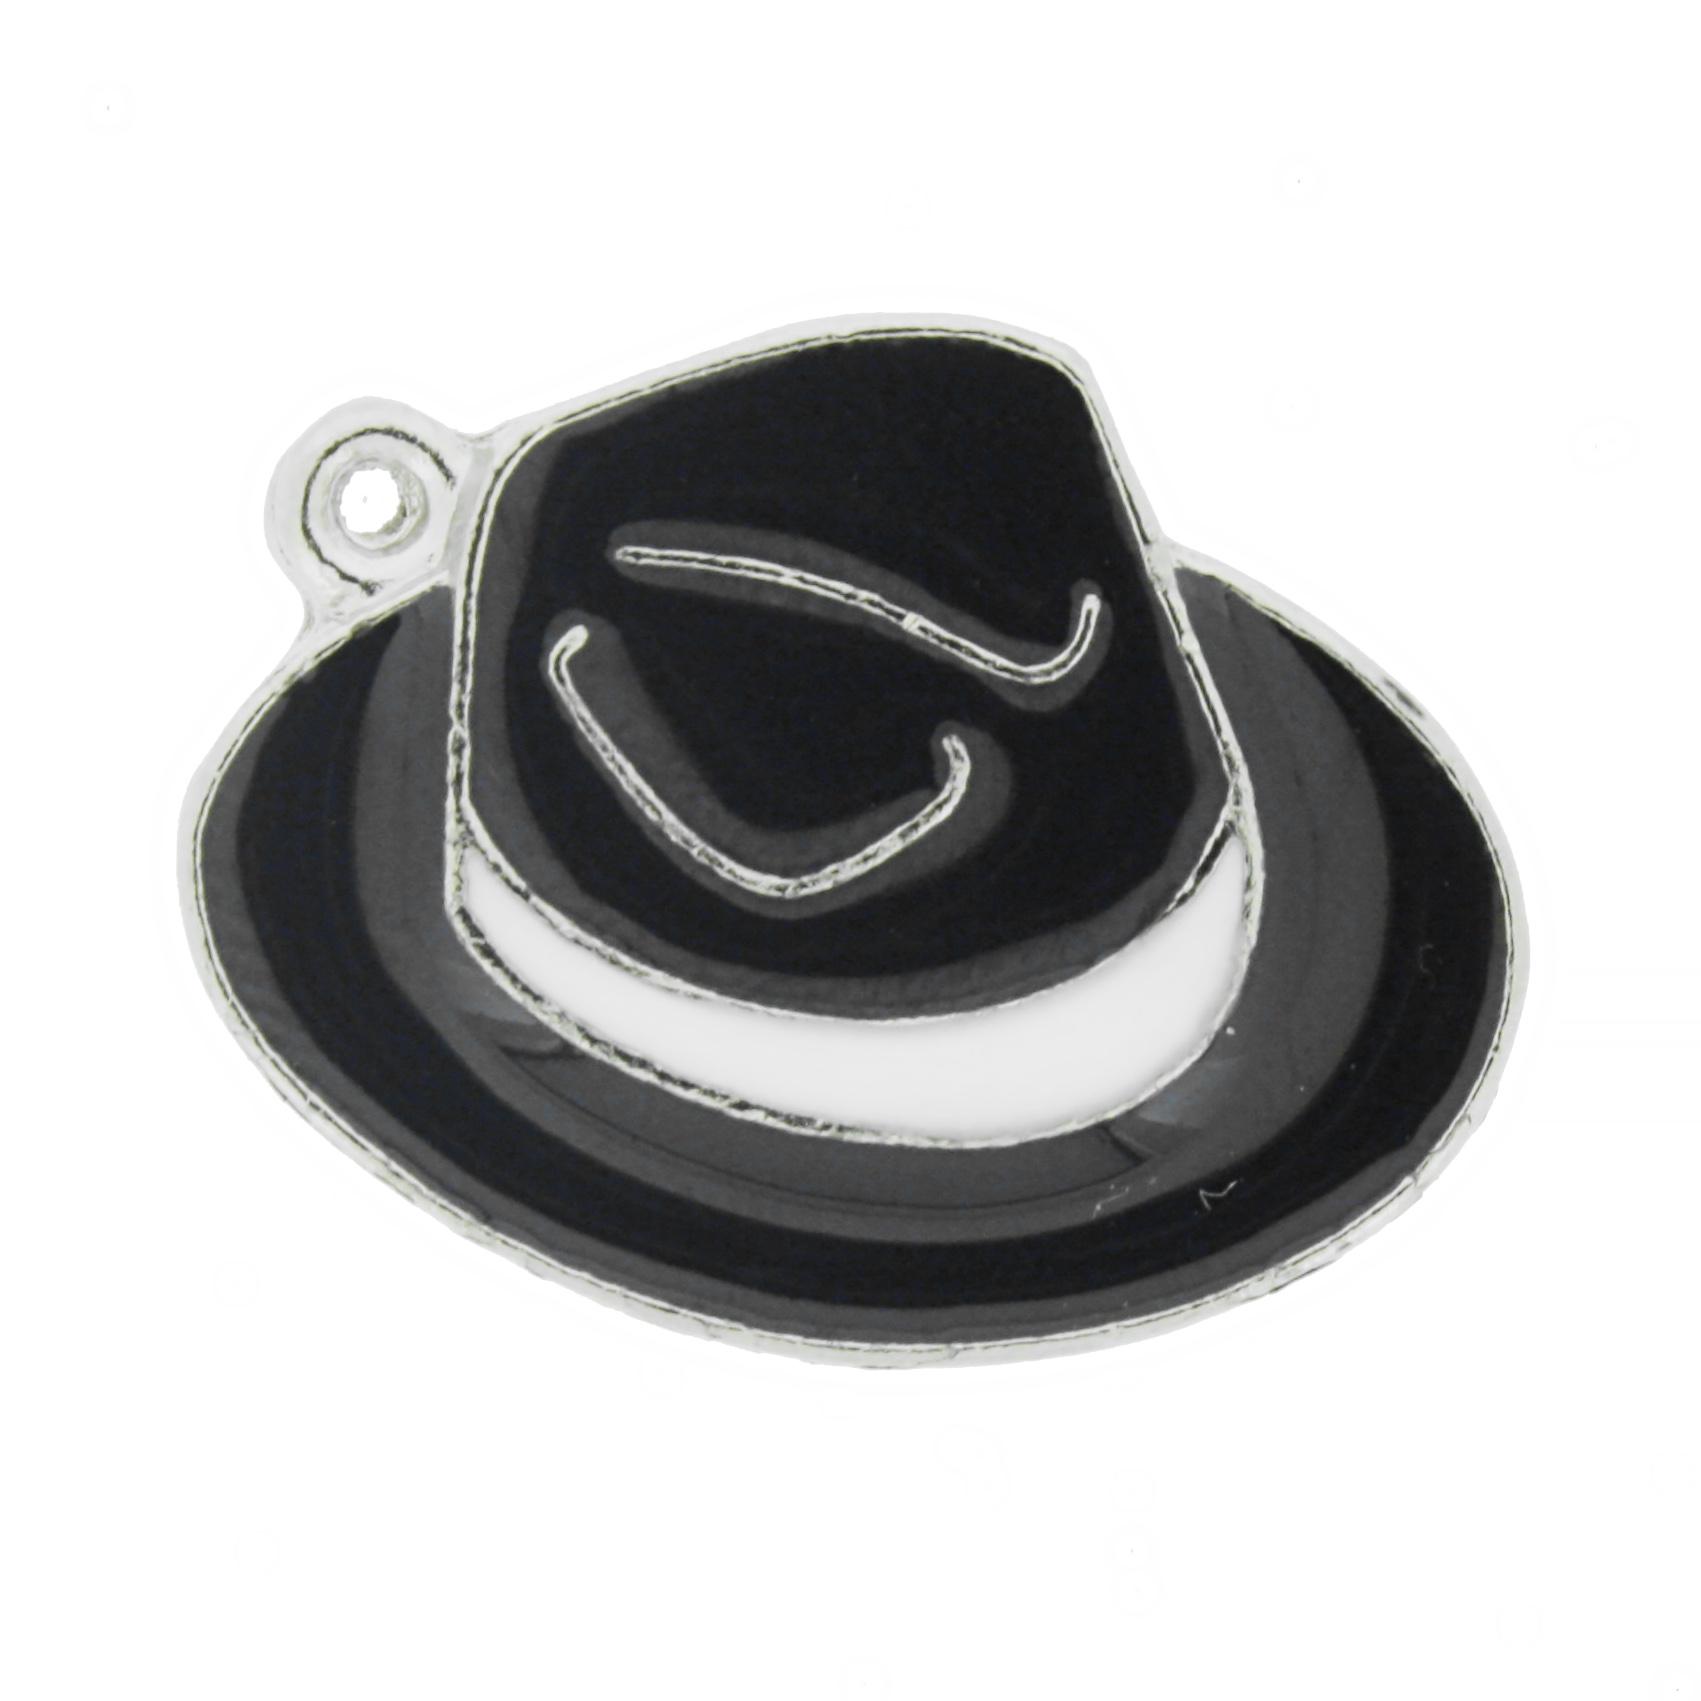 Chapéu Resinado Níquel - Preto e Branco - 22mm  - Universo Religioso® - Artigos de Umbanda e Candomblé